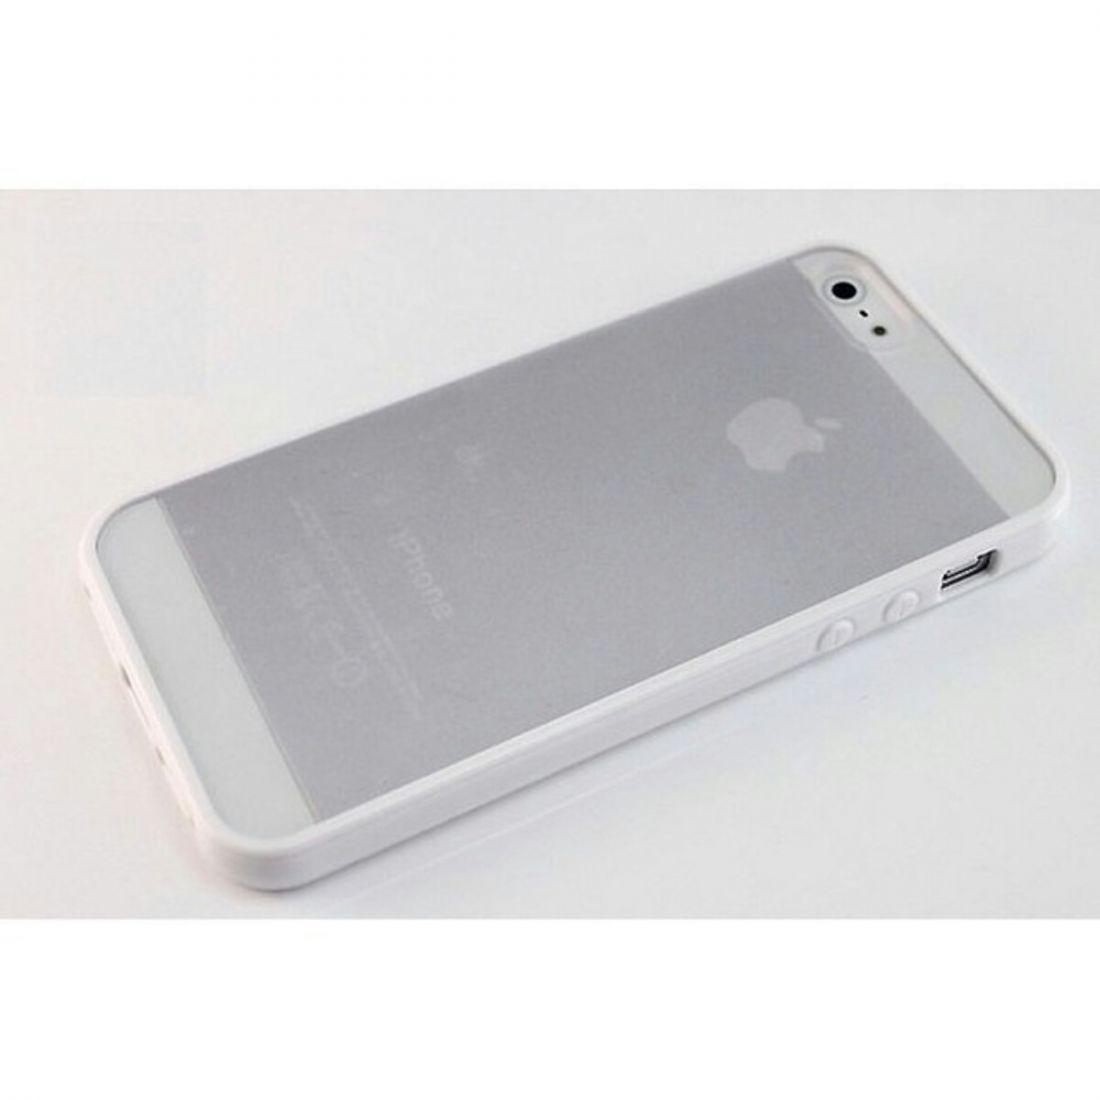 Чехлы для iphone 5/5s - бампера с прозрачной крышкой (Белый)